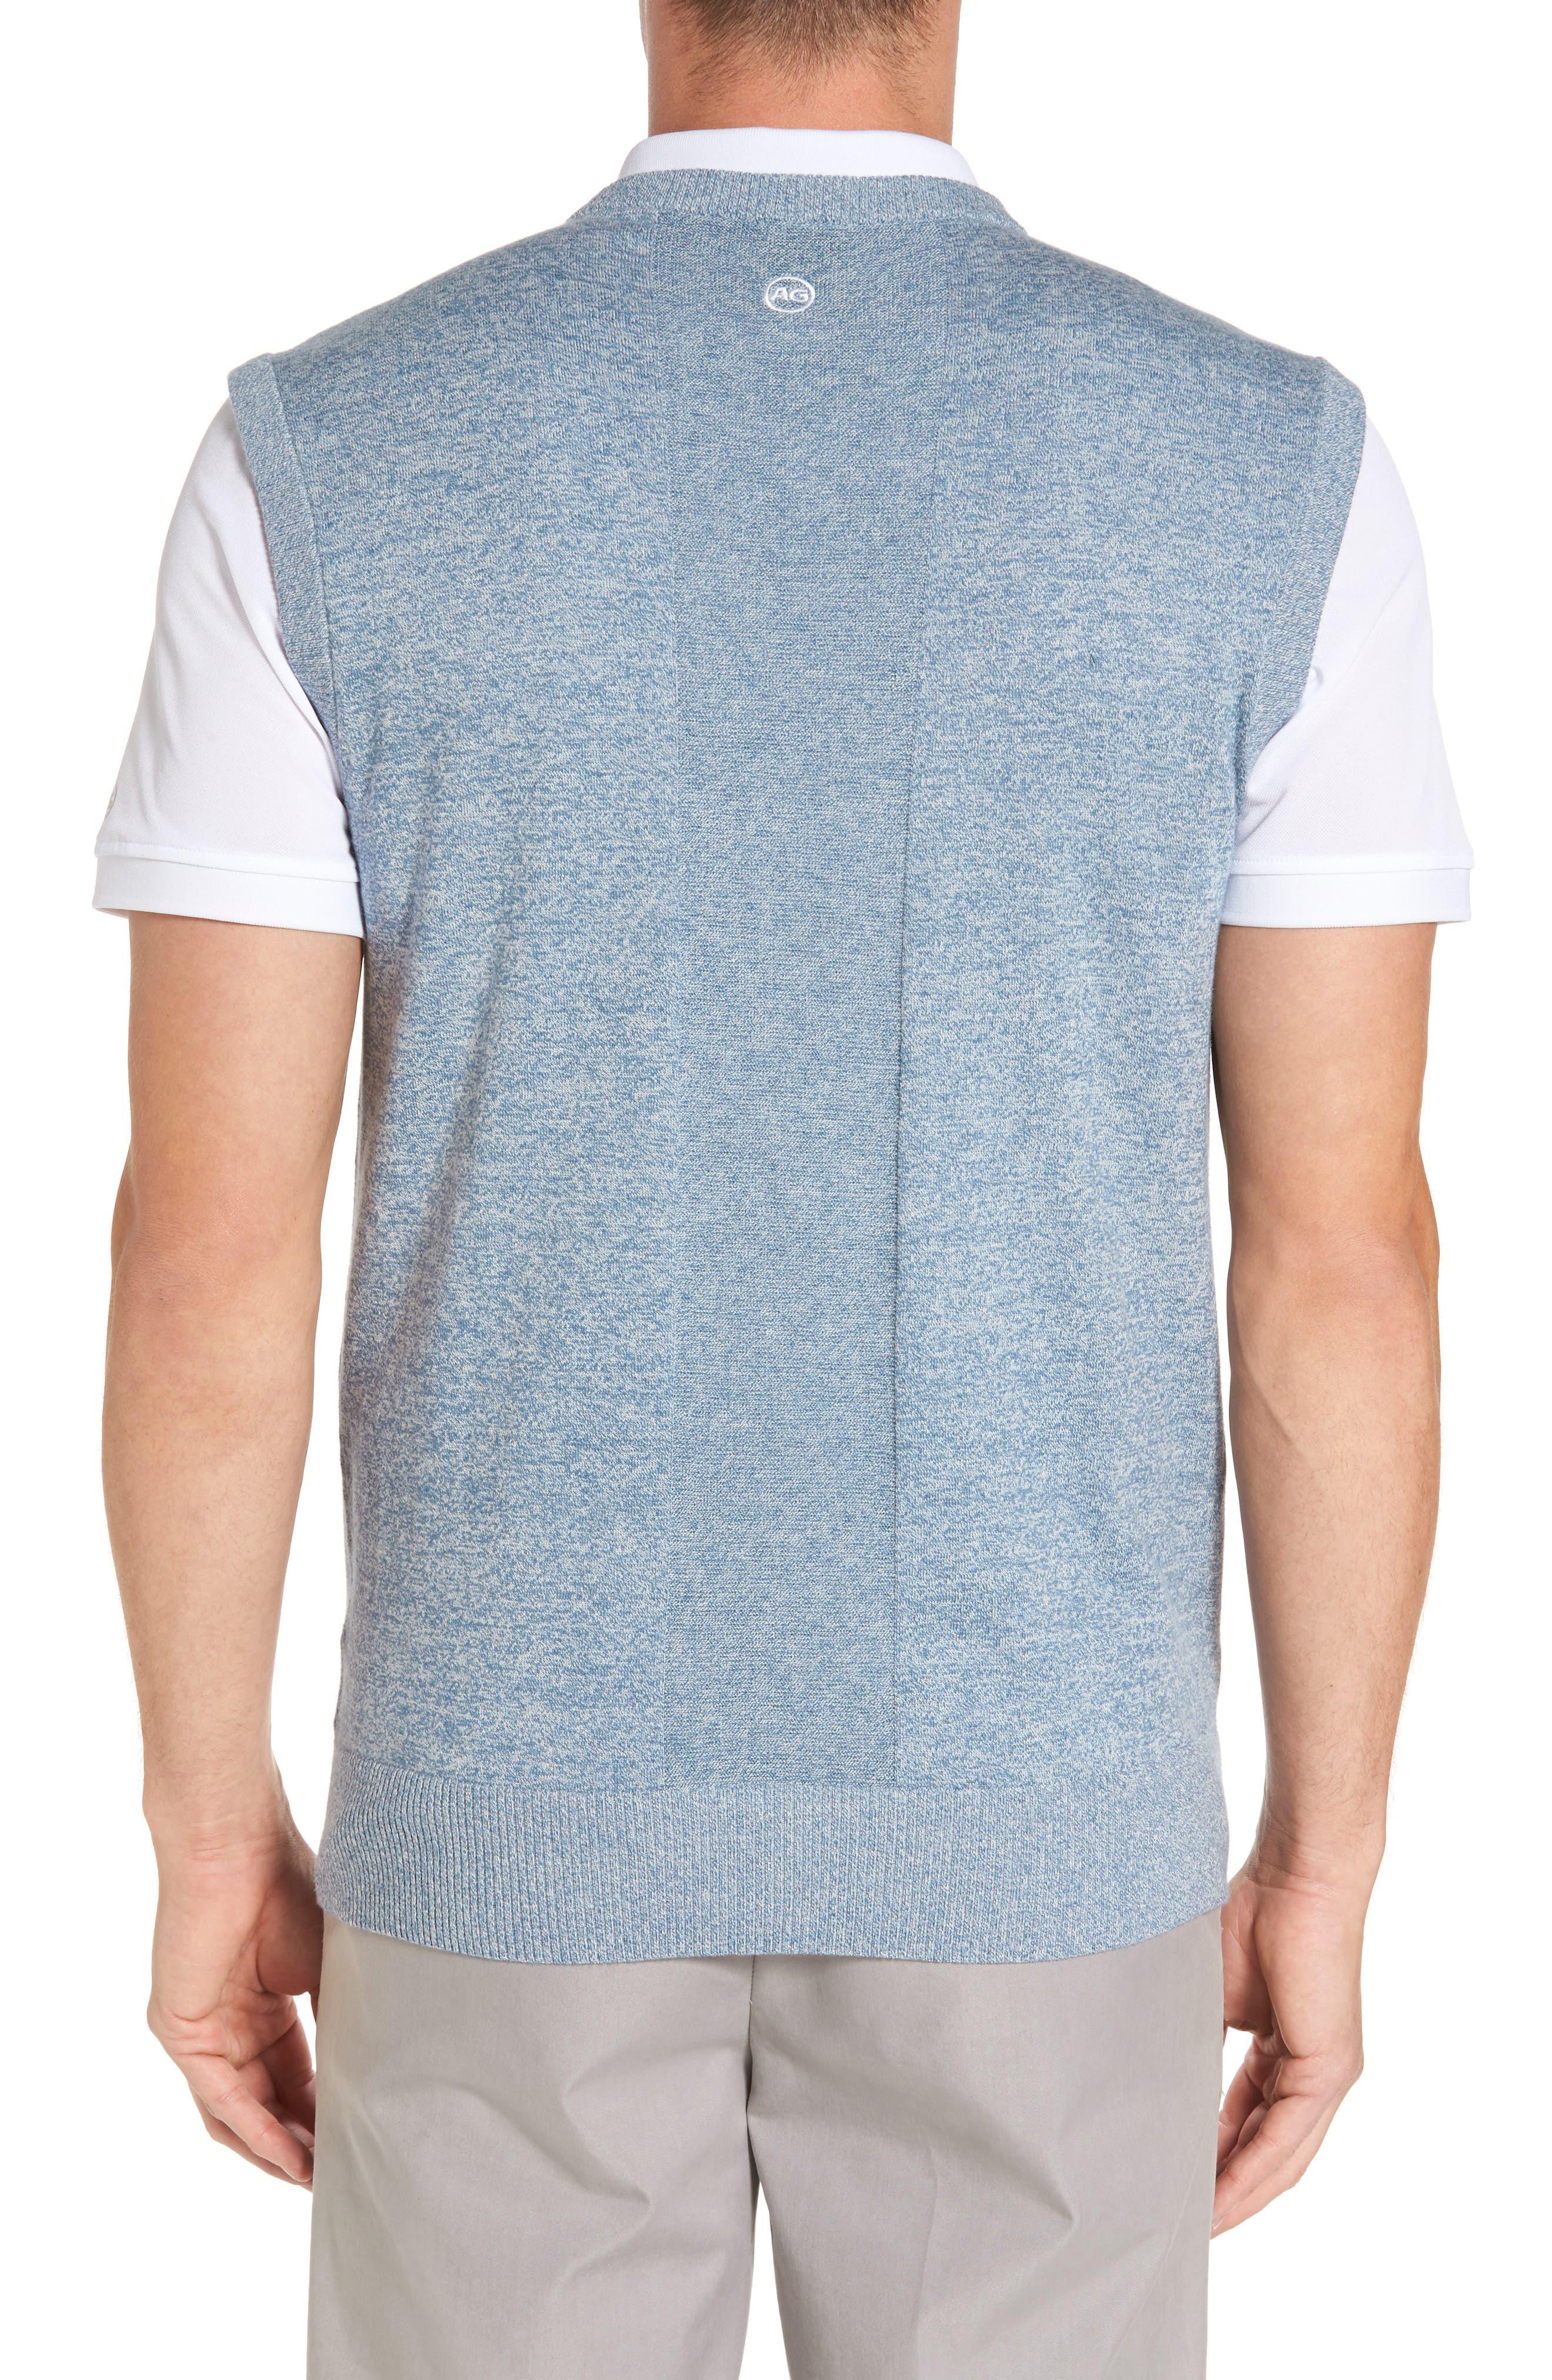 Valley V-Neck Sweater Vest,                             Alternate thumbnail 2, color,                             Blue Print/ White Melange